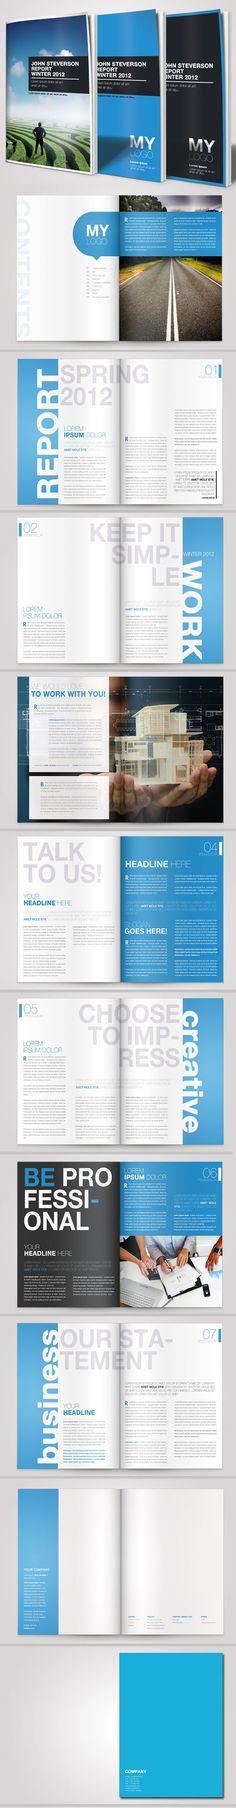 Brochure Design – A4 Business Brochure Vol. 03